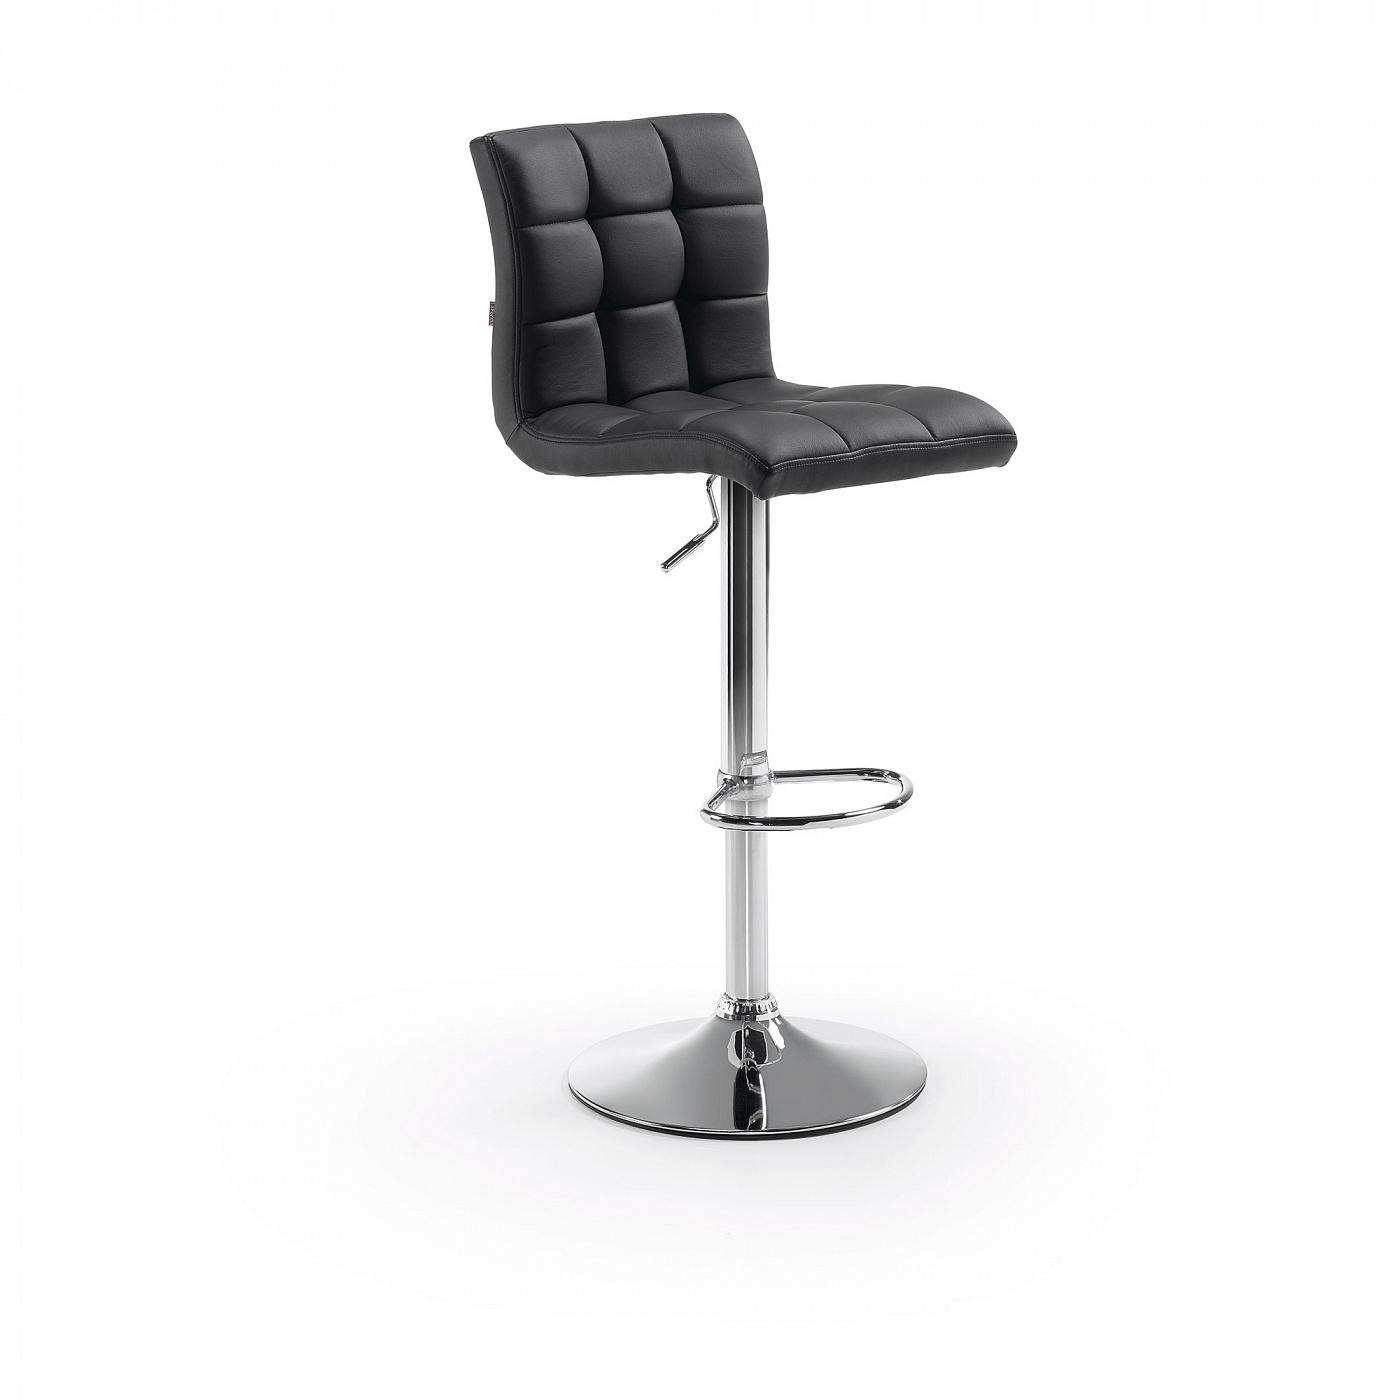 Барный стул La Forma Lodi 63467, хром/черный